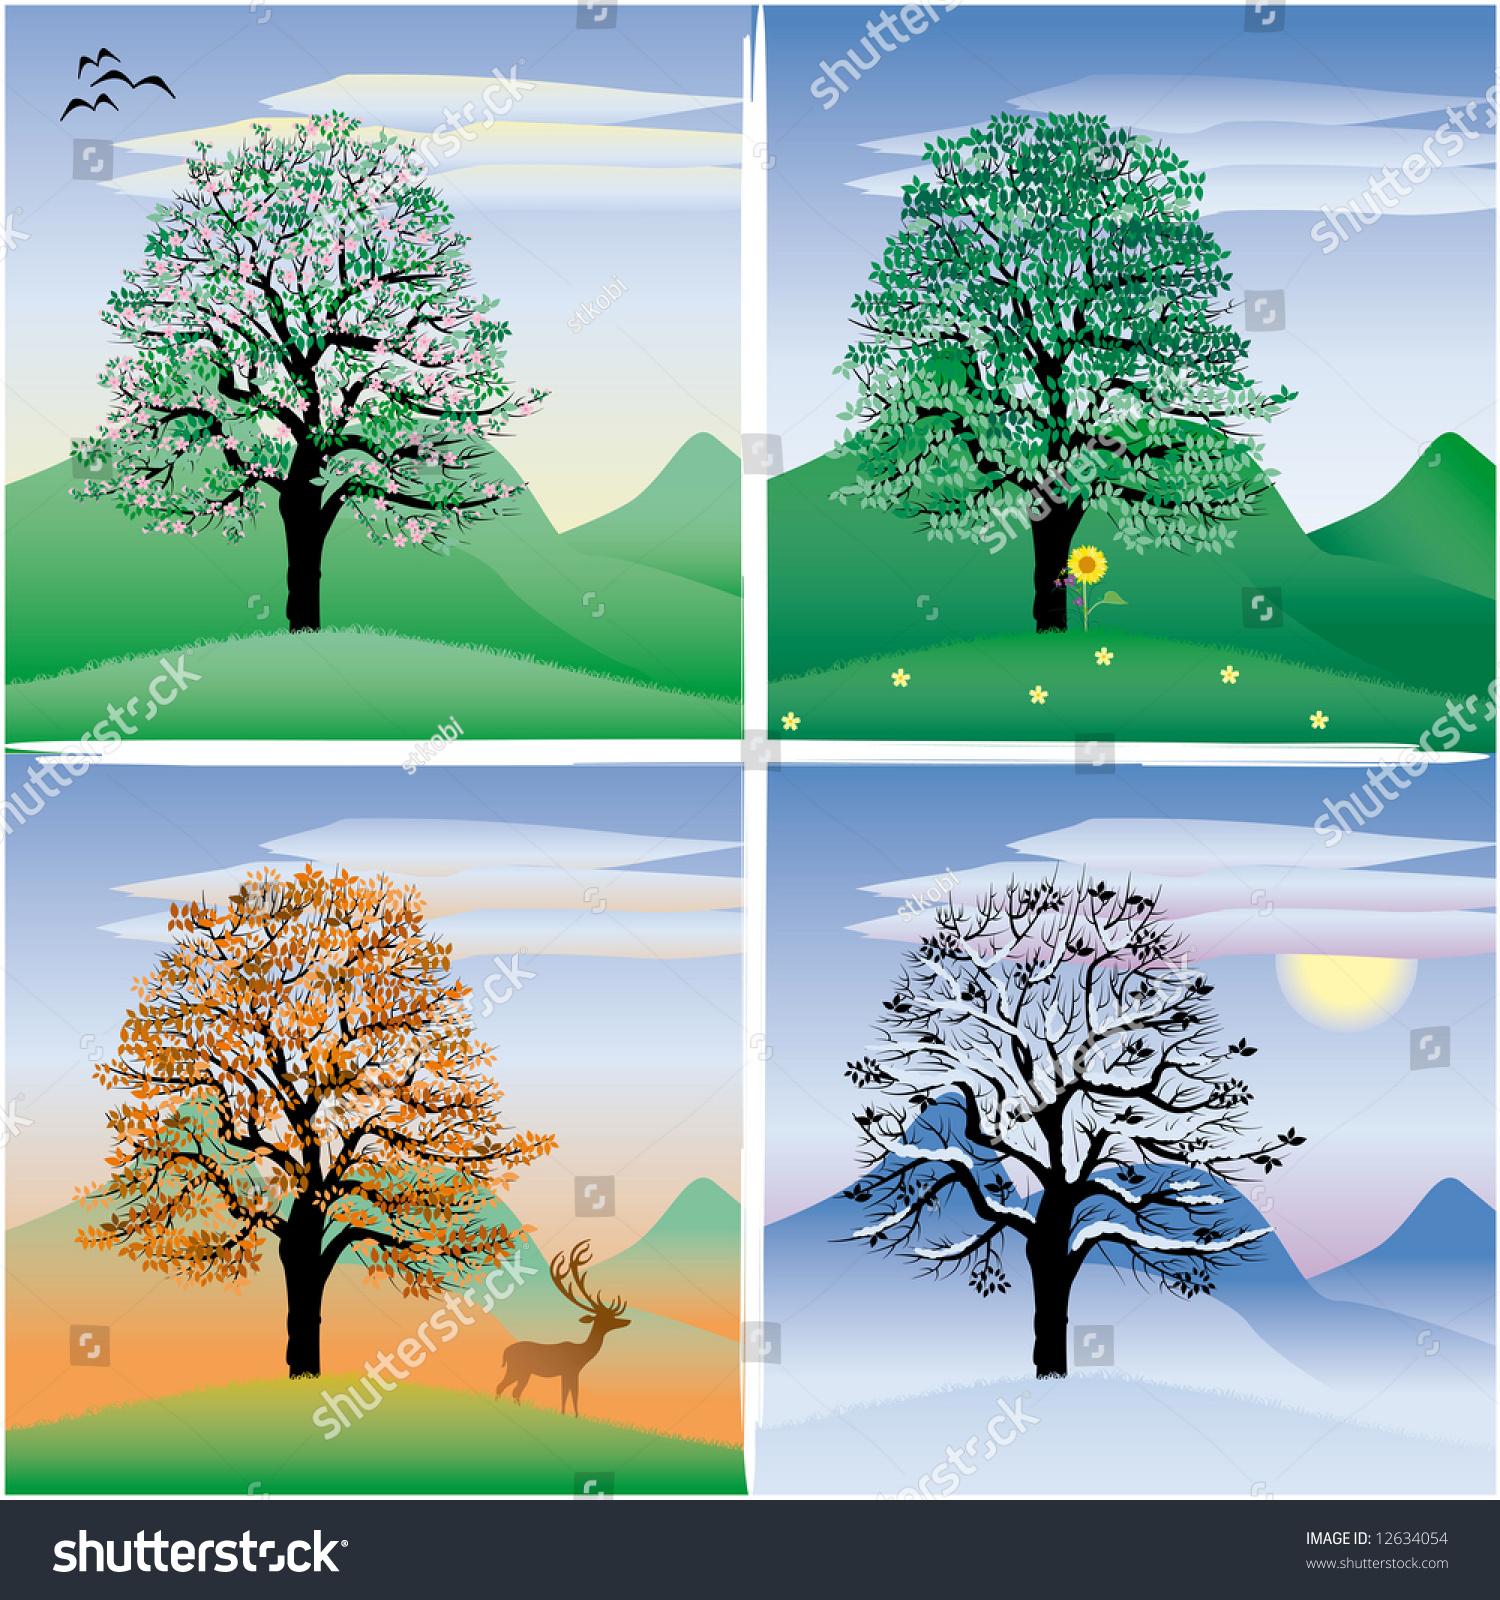 Tree Through The Four Seasons Stock Photo